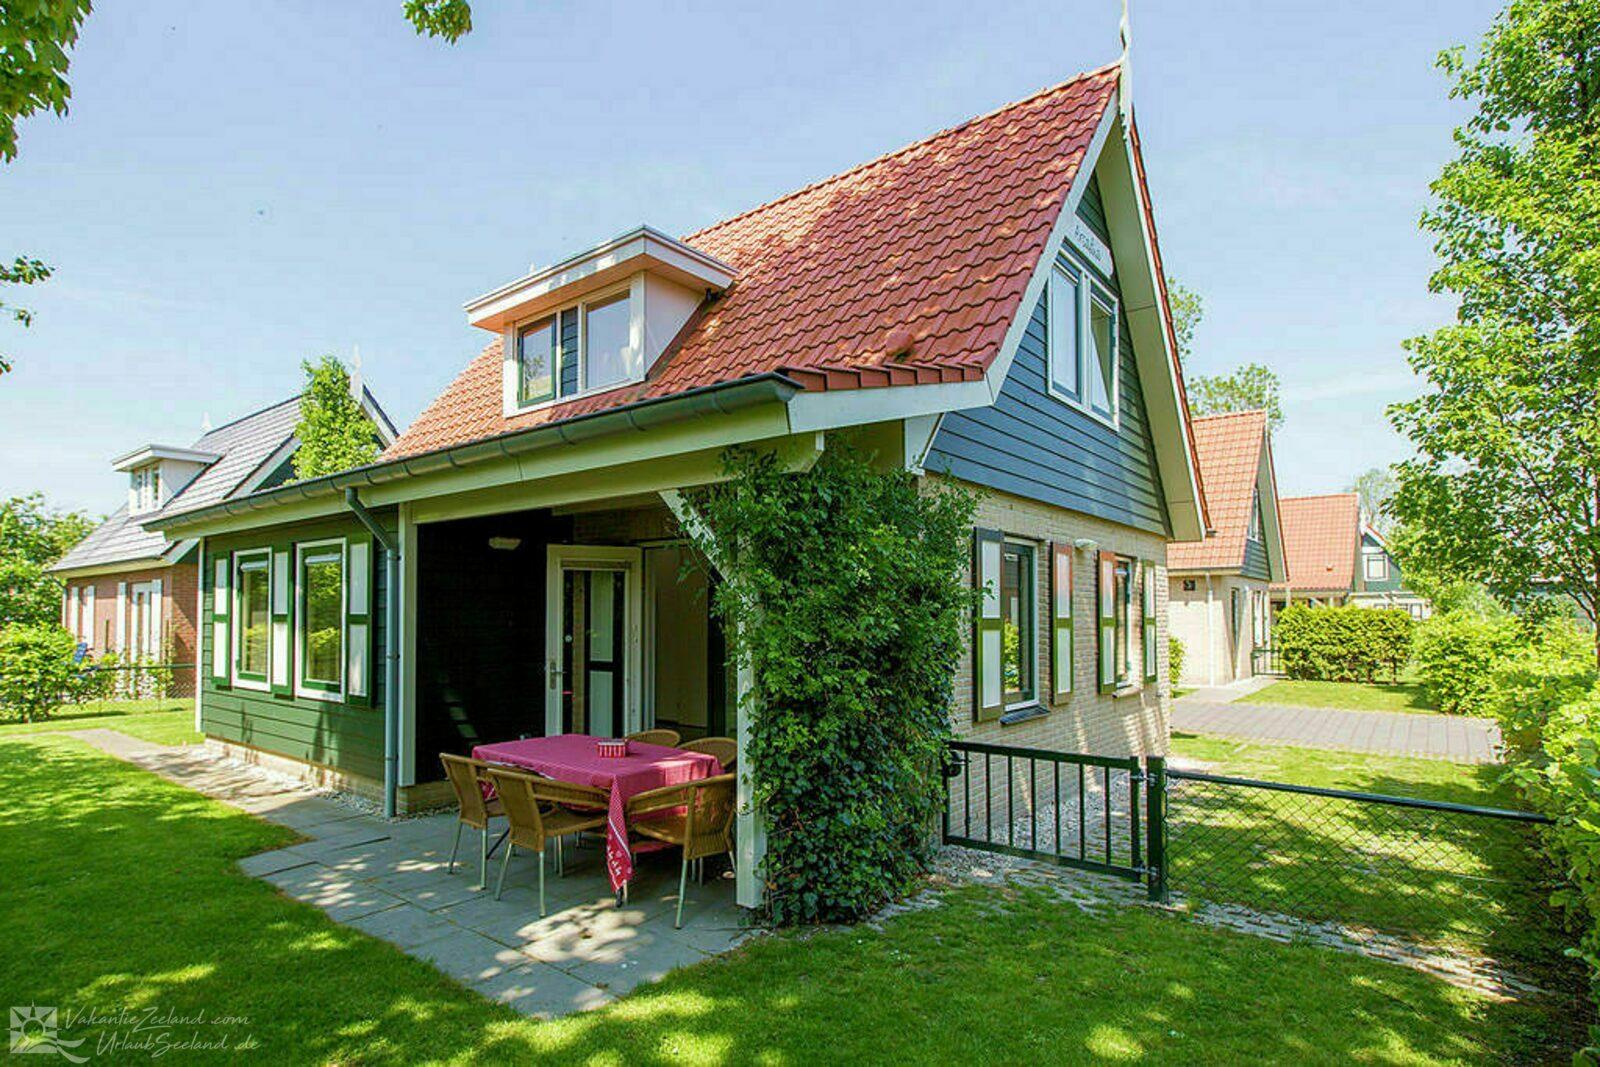 VZ981 Vakantiehuis in Zonnemaire